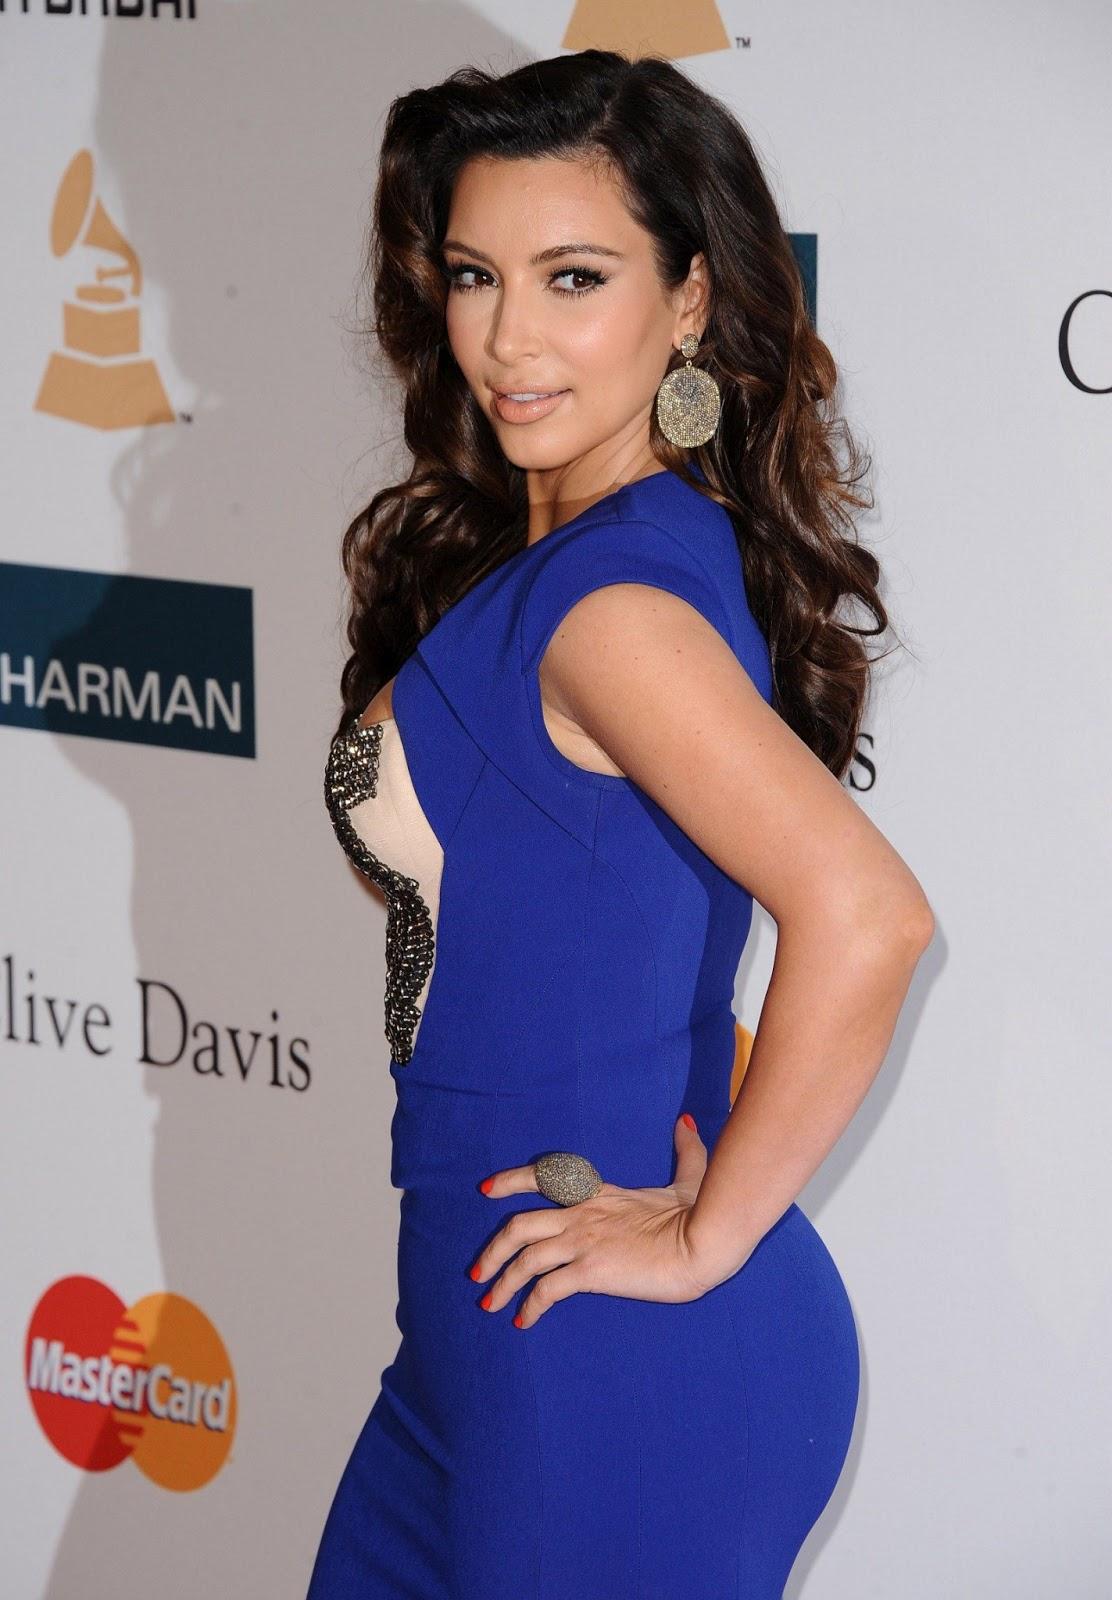 http://3.bp.blogspot.com/-NN9UI7RvCuA/UVWlw6WJd1I/AAAAAAABBcA/wPuKYisKvOo/s1600/Kim-Kardashian-131.JPG